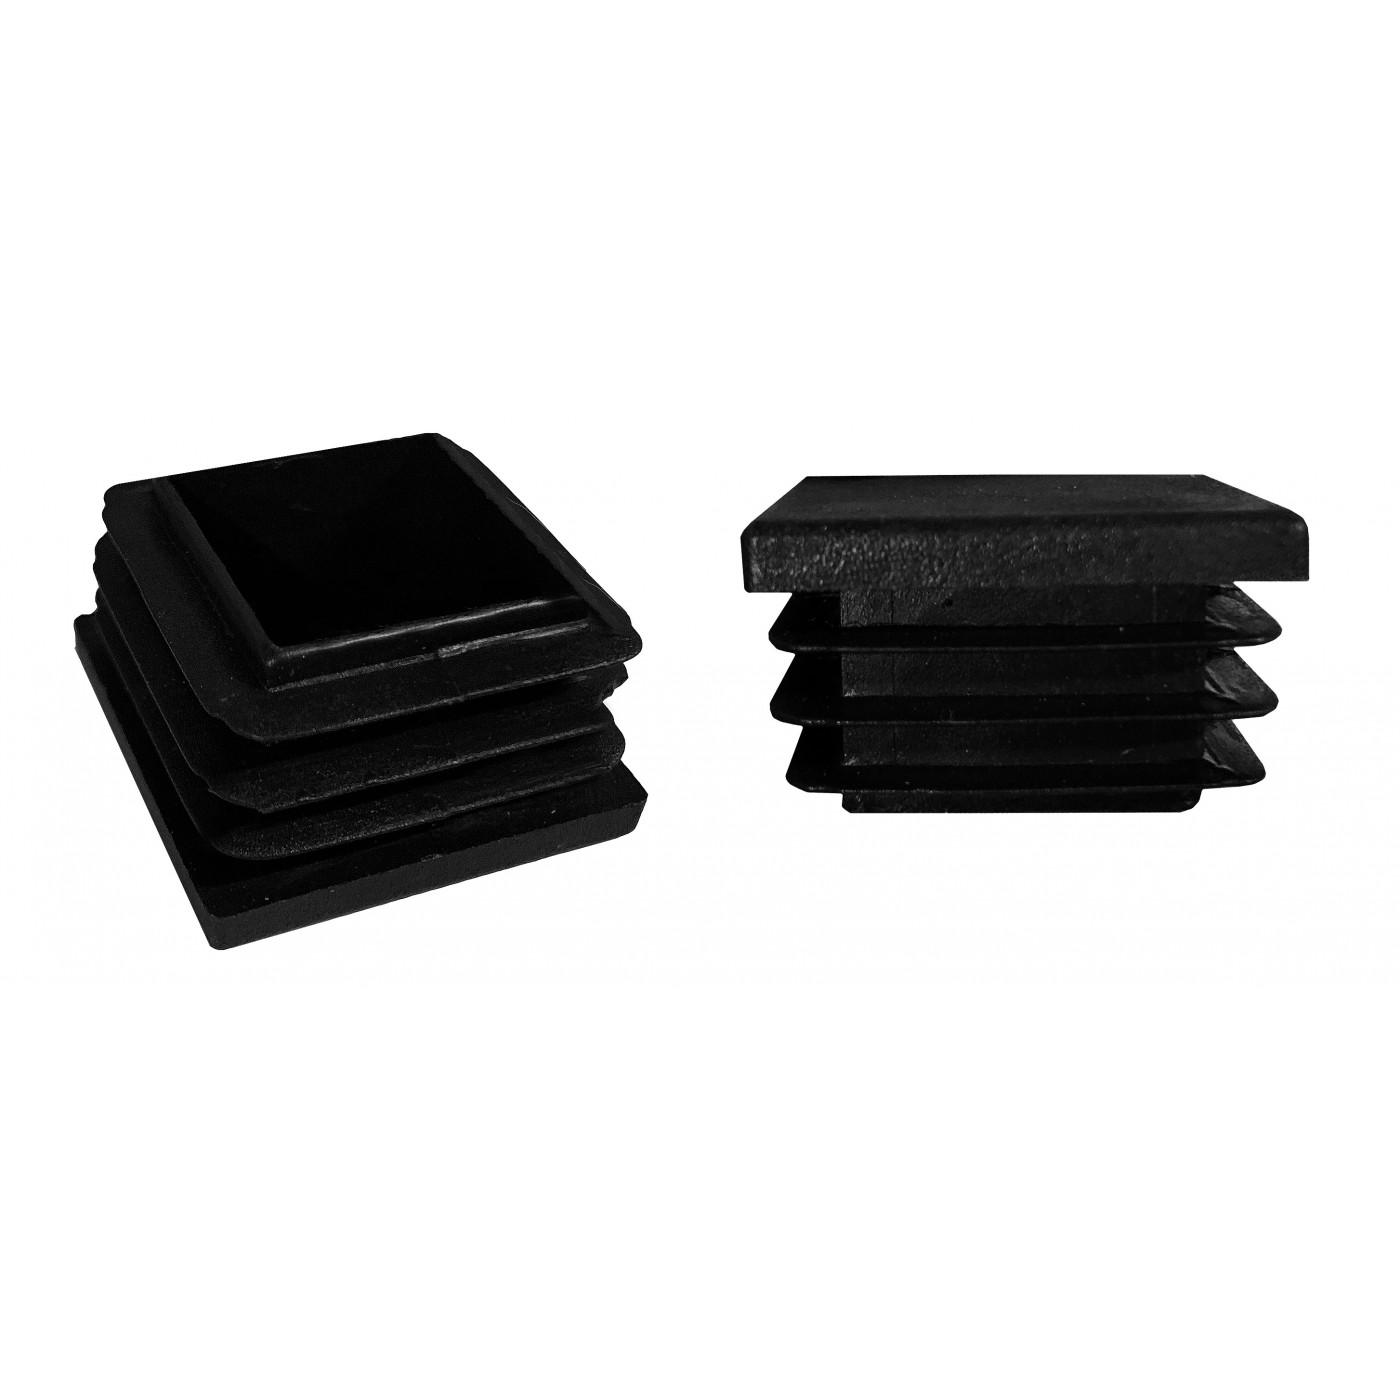 Set van 48 stoelpootdoppen (F20/E24/D25, zwart)  - 1